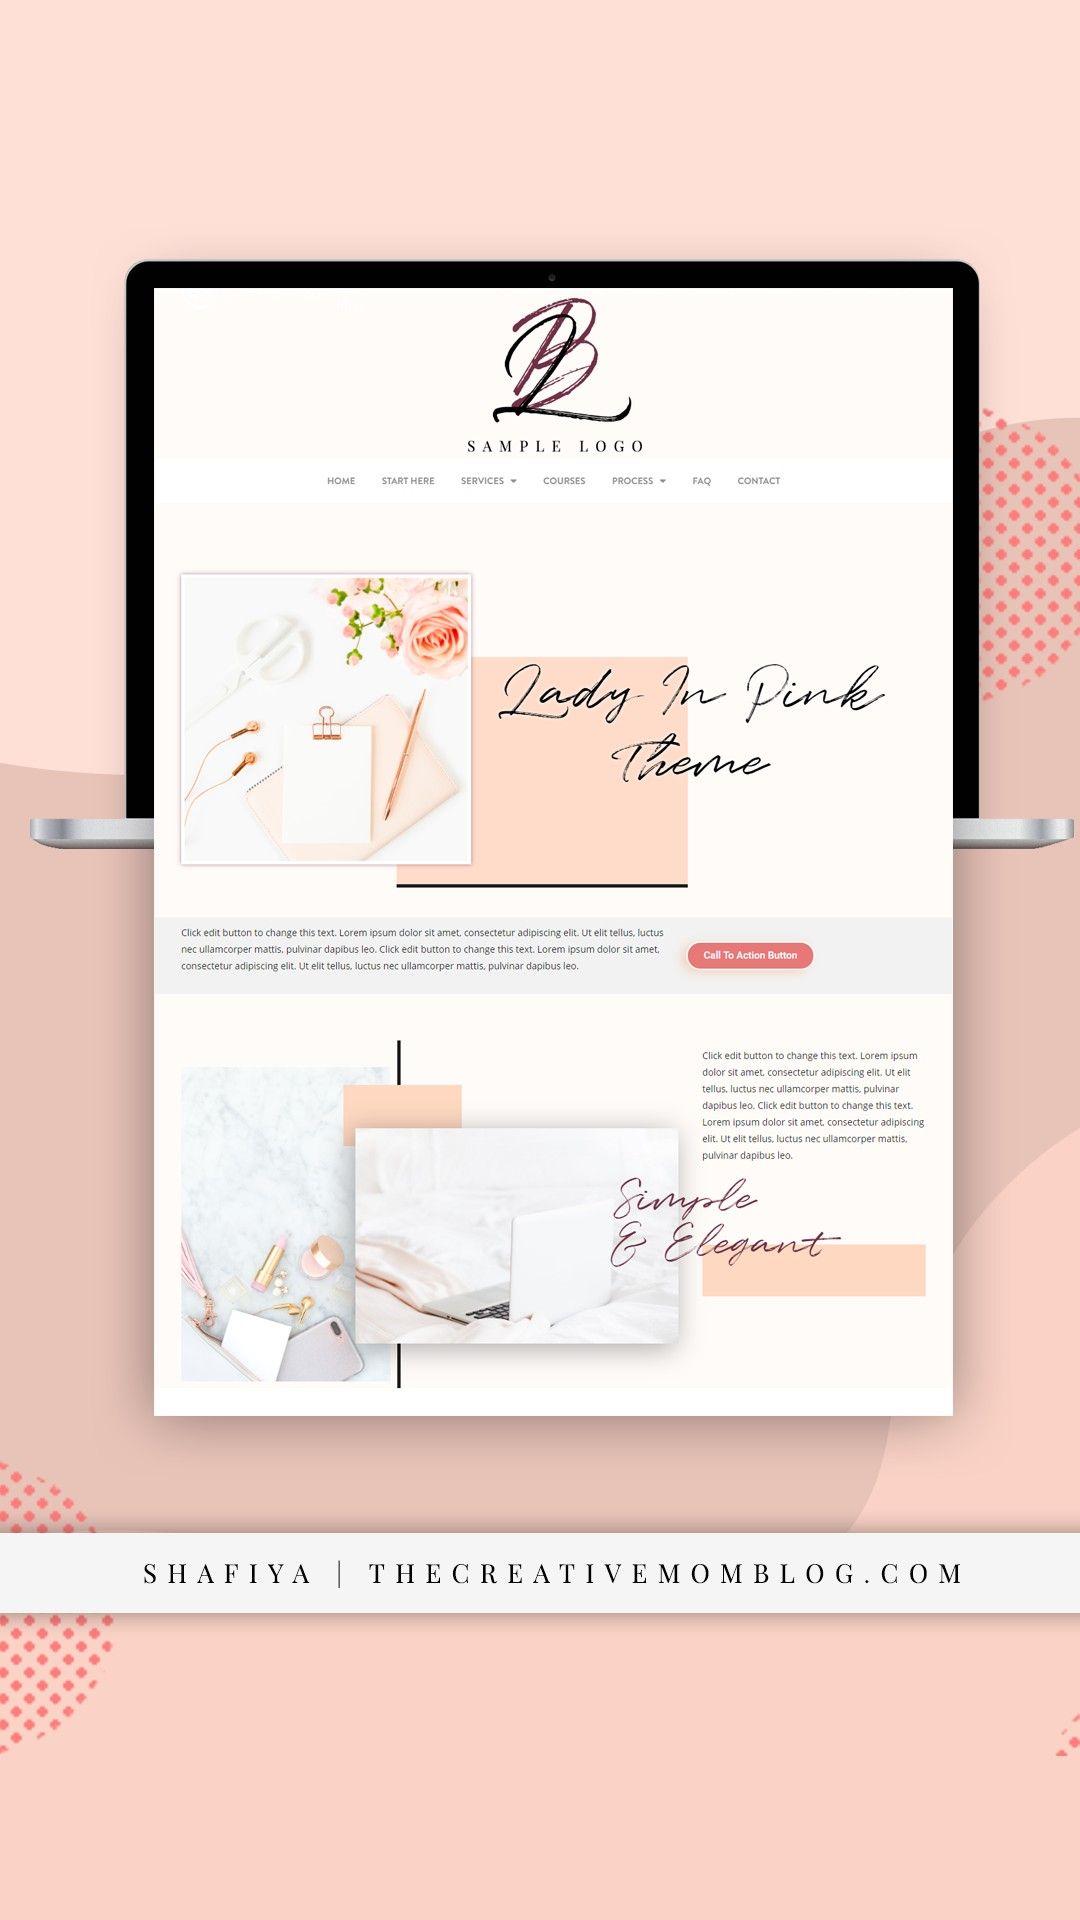 Branding Modern Wordpress Web Design For Female Entrepreneurs Web Design Blog Branding Portfolio Web Design